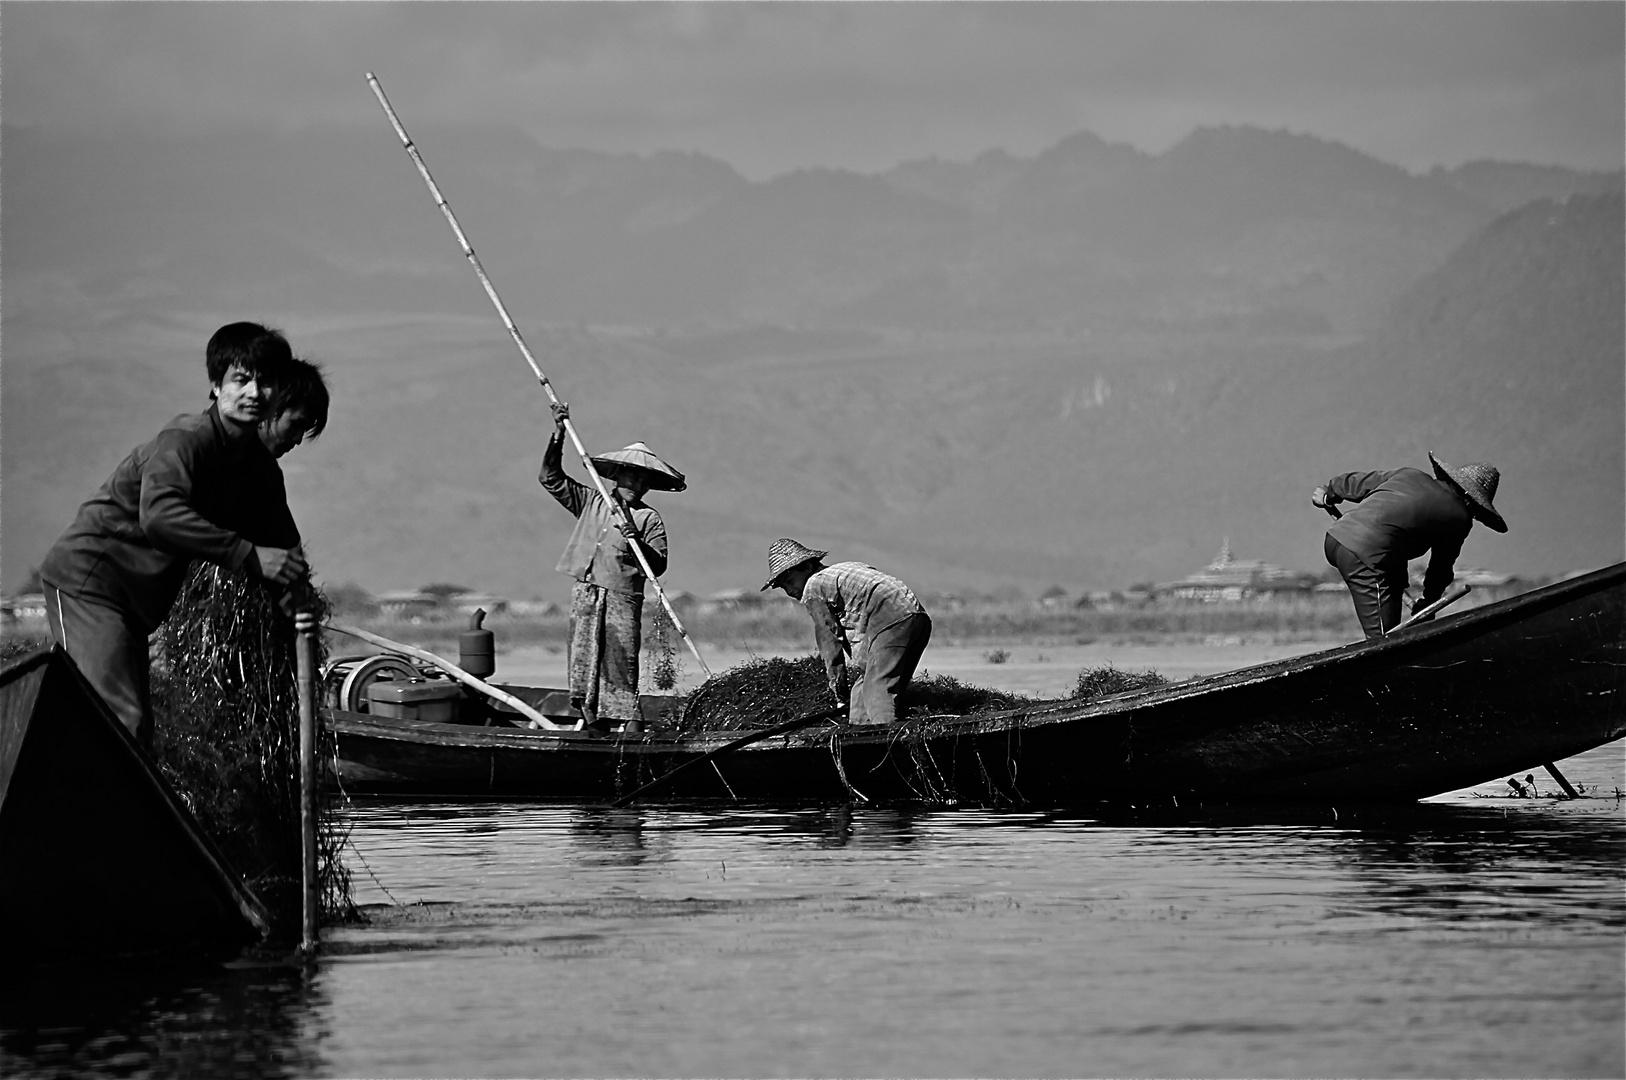 algenfischeralltag